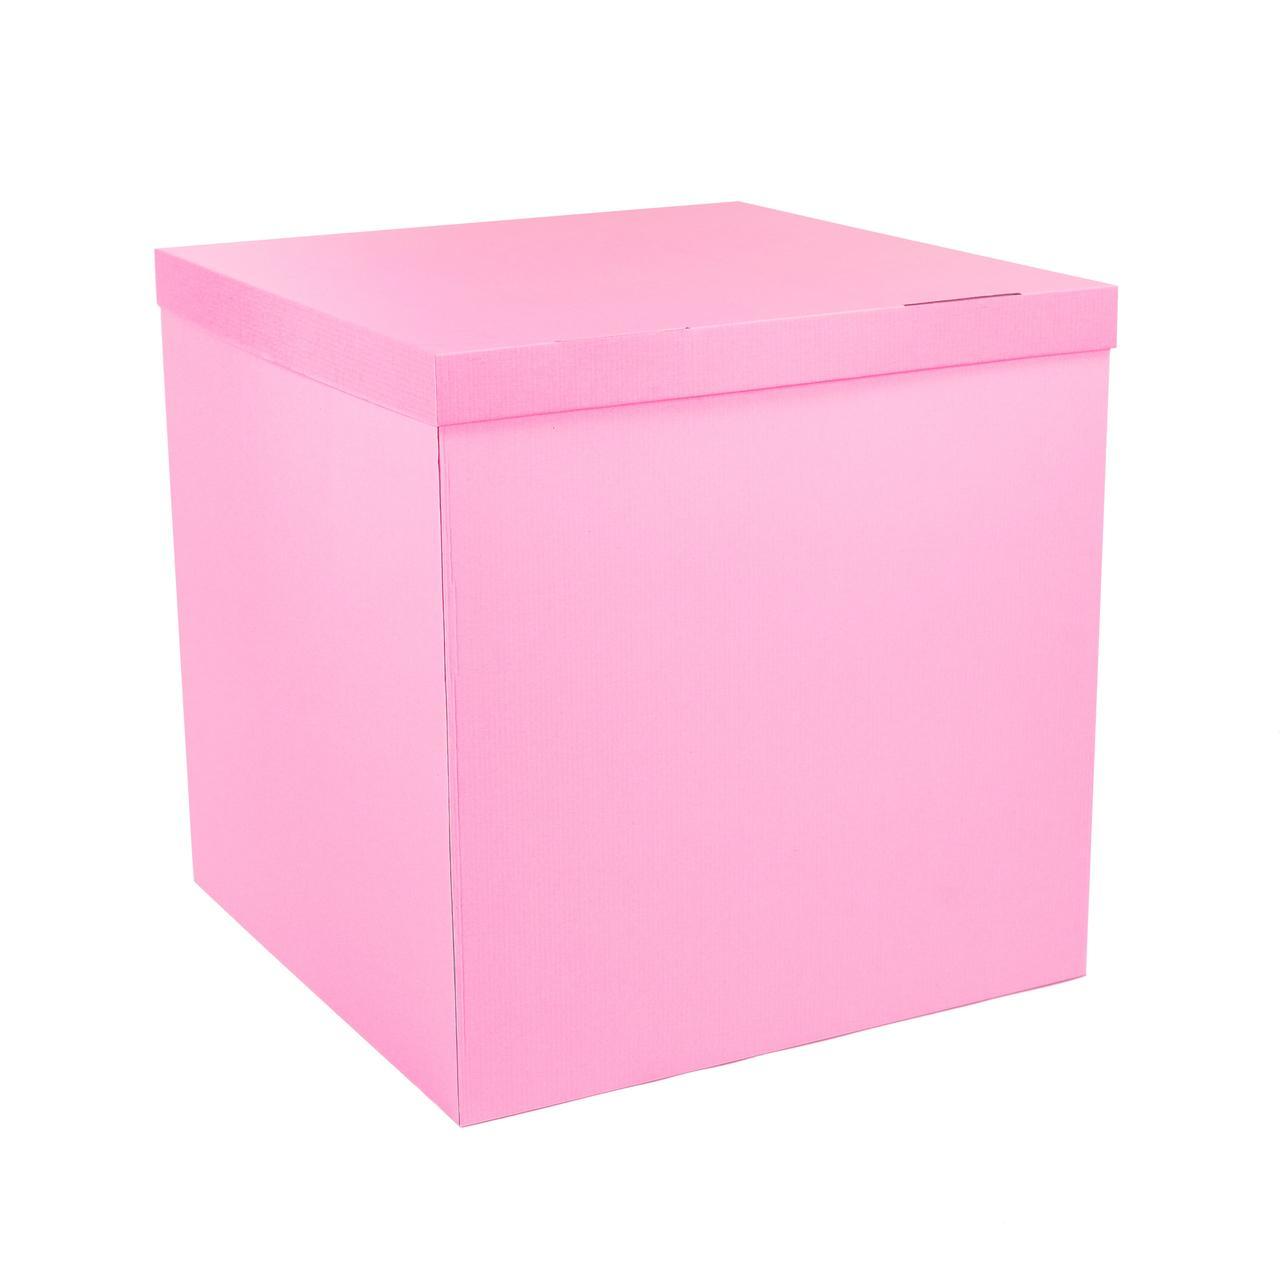 Коробка-сюрприз 700*700*700мм розовая без печати